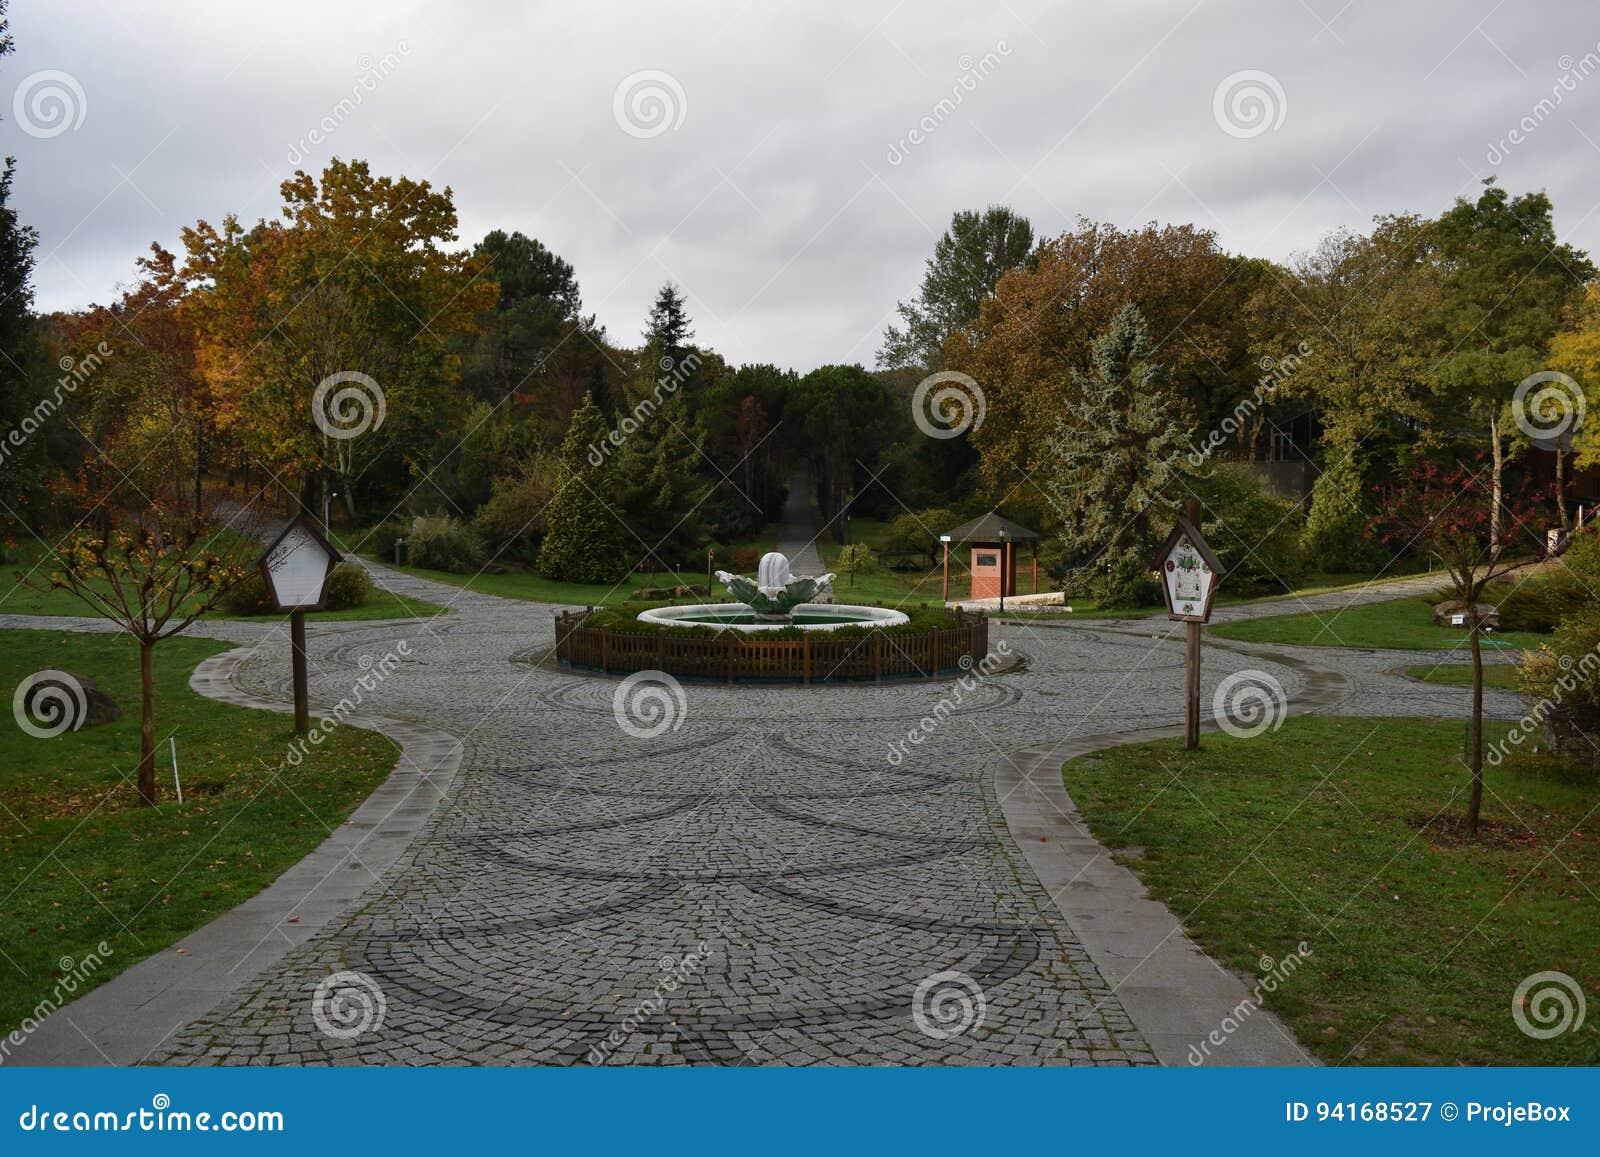 Ataturk Arboretumu Istanbul Stock Image - Image of hands